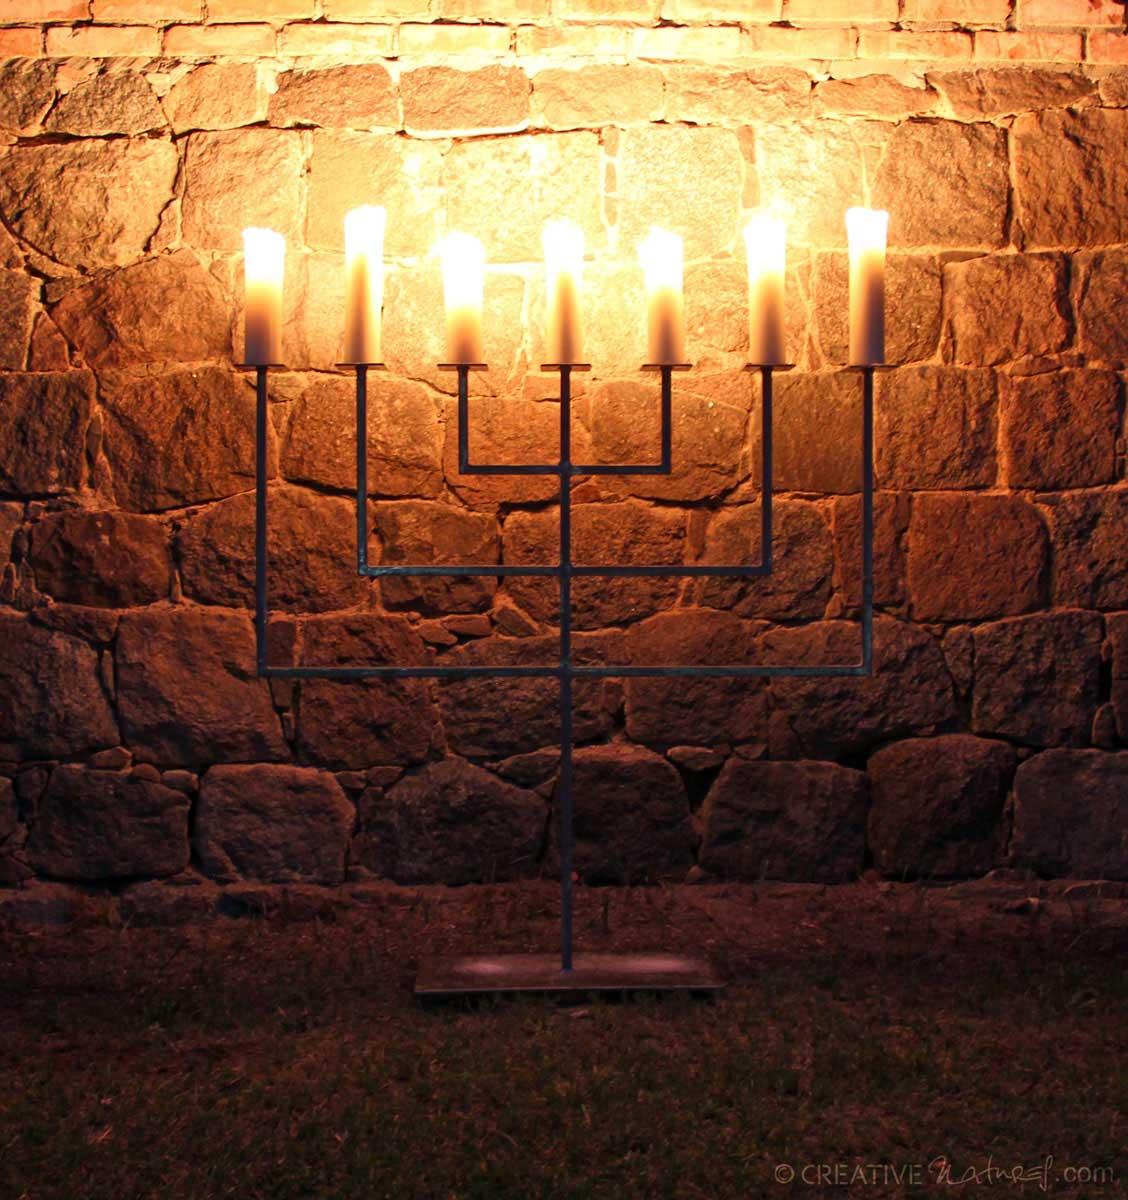 Zappaleuchter Kerzenschein Indunkelheit